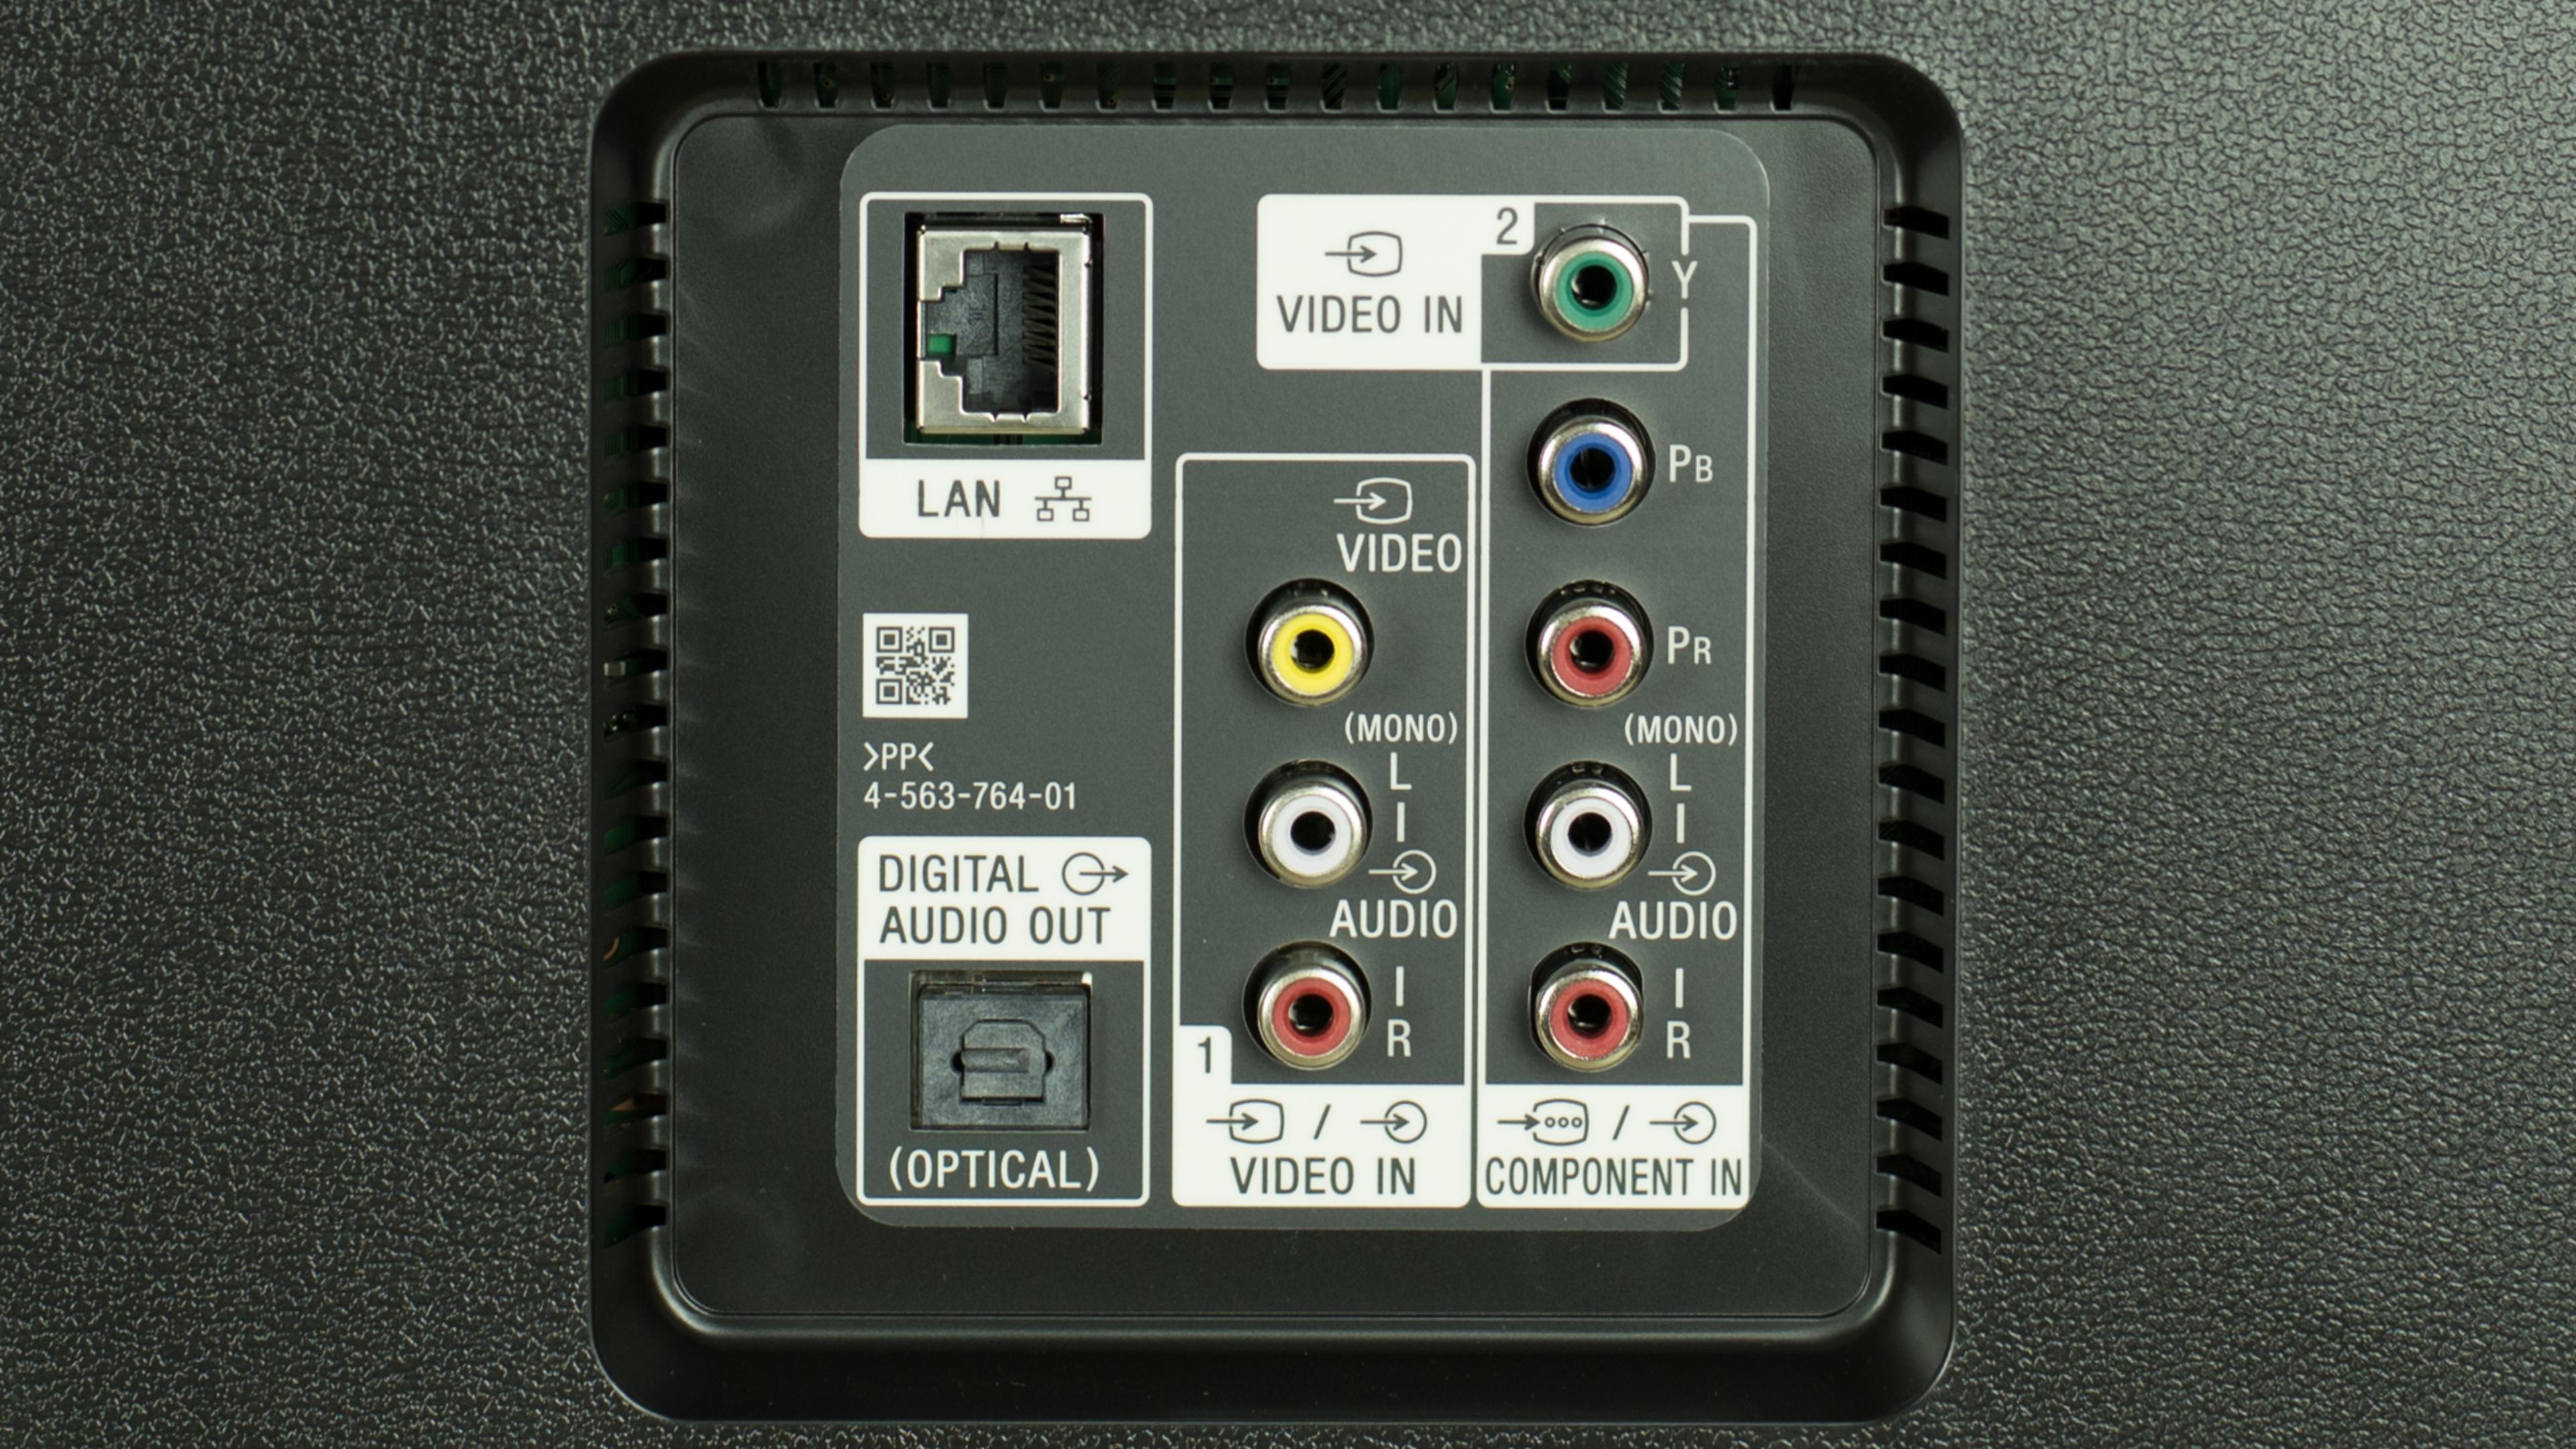 Sony X900c Review Xbr55x900c Xbr65x900c